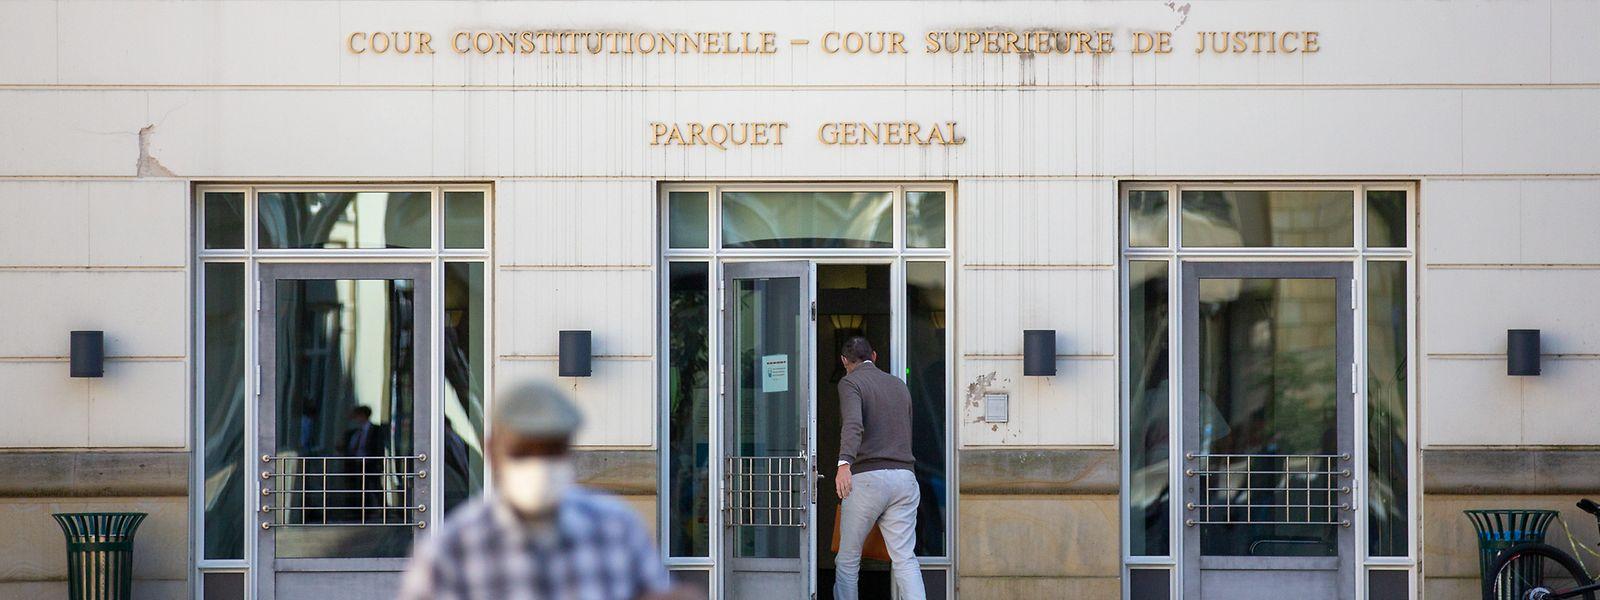 In den Gutachten zum Justiz-Kapitel der Verfassung setzt es Kritik in Bezug auf die Unabhängigkeit der Justiz. Stein des Anstoßes ist die Tatsache, dass die Staatsanwaltschaften ausgeklammert werden sollen.